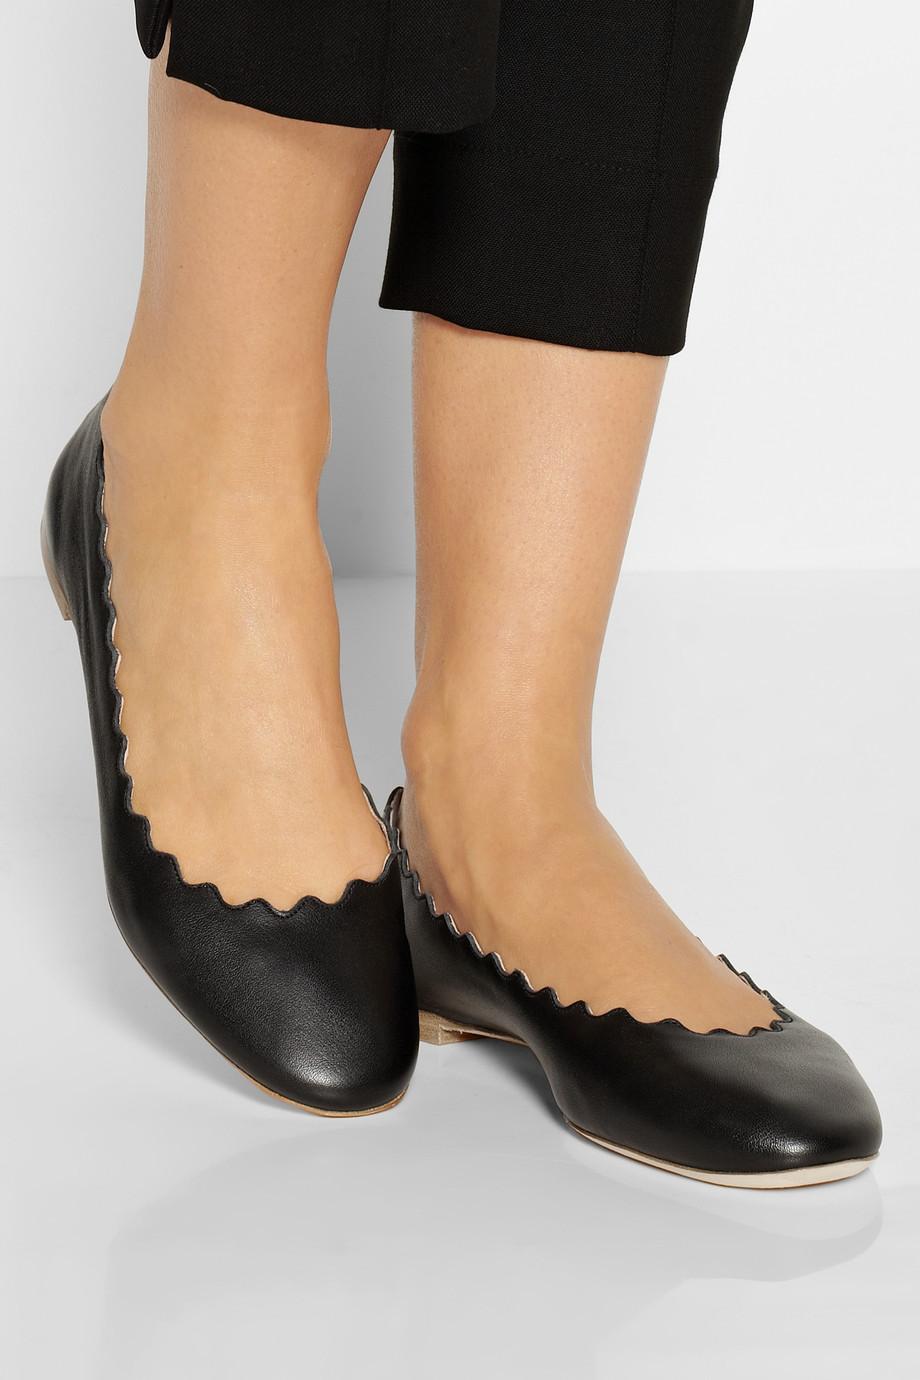 Chloé Patent Leather Flats cjE9Rk